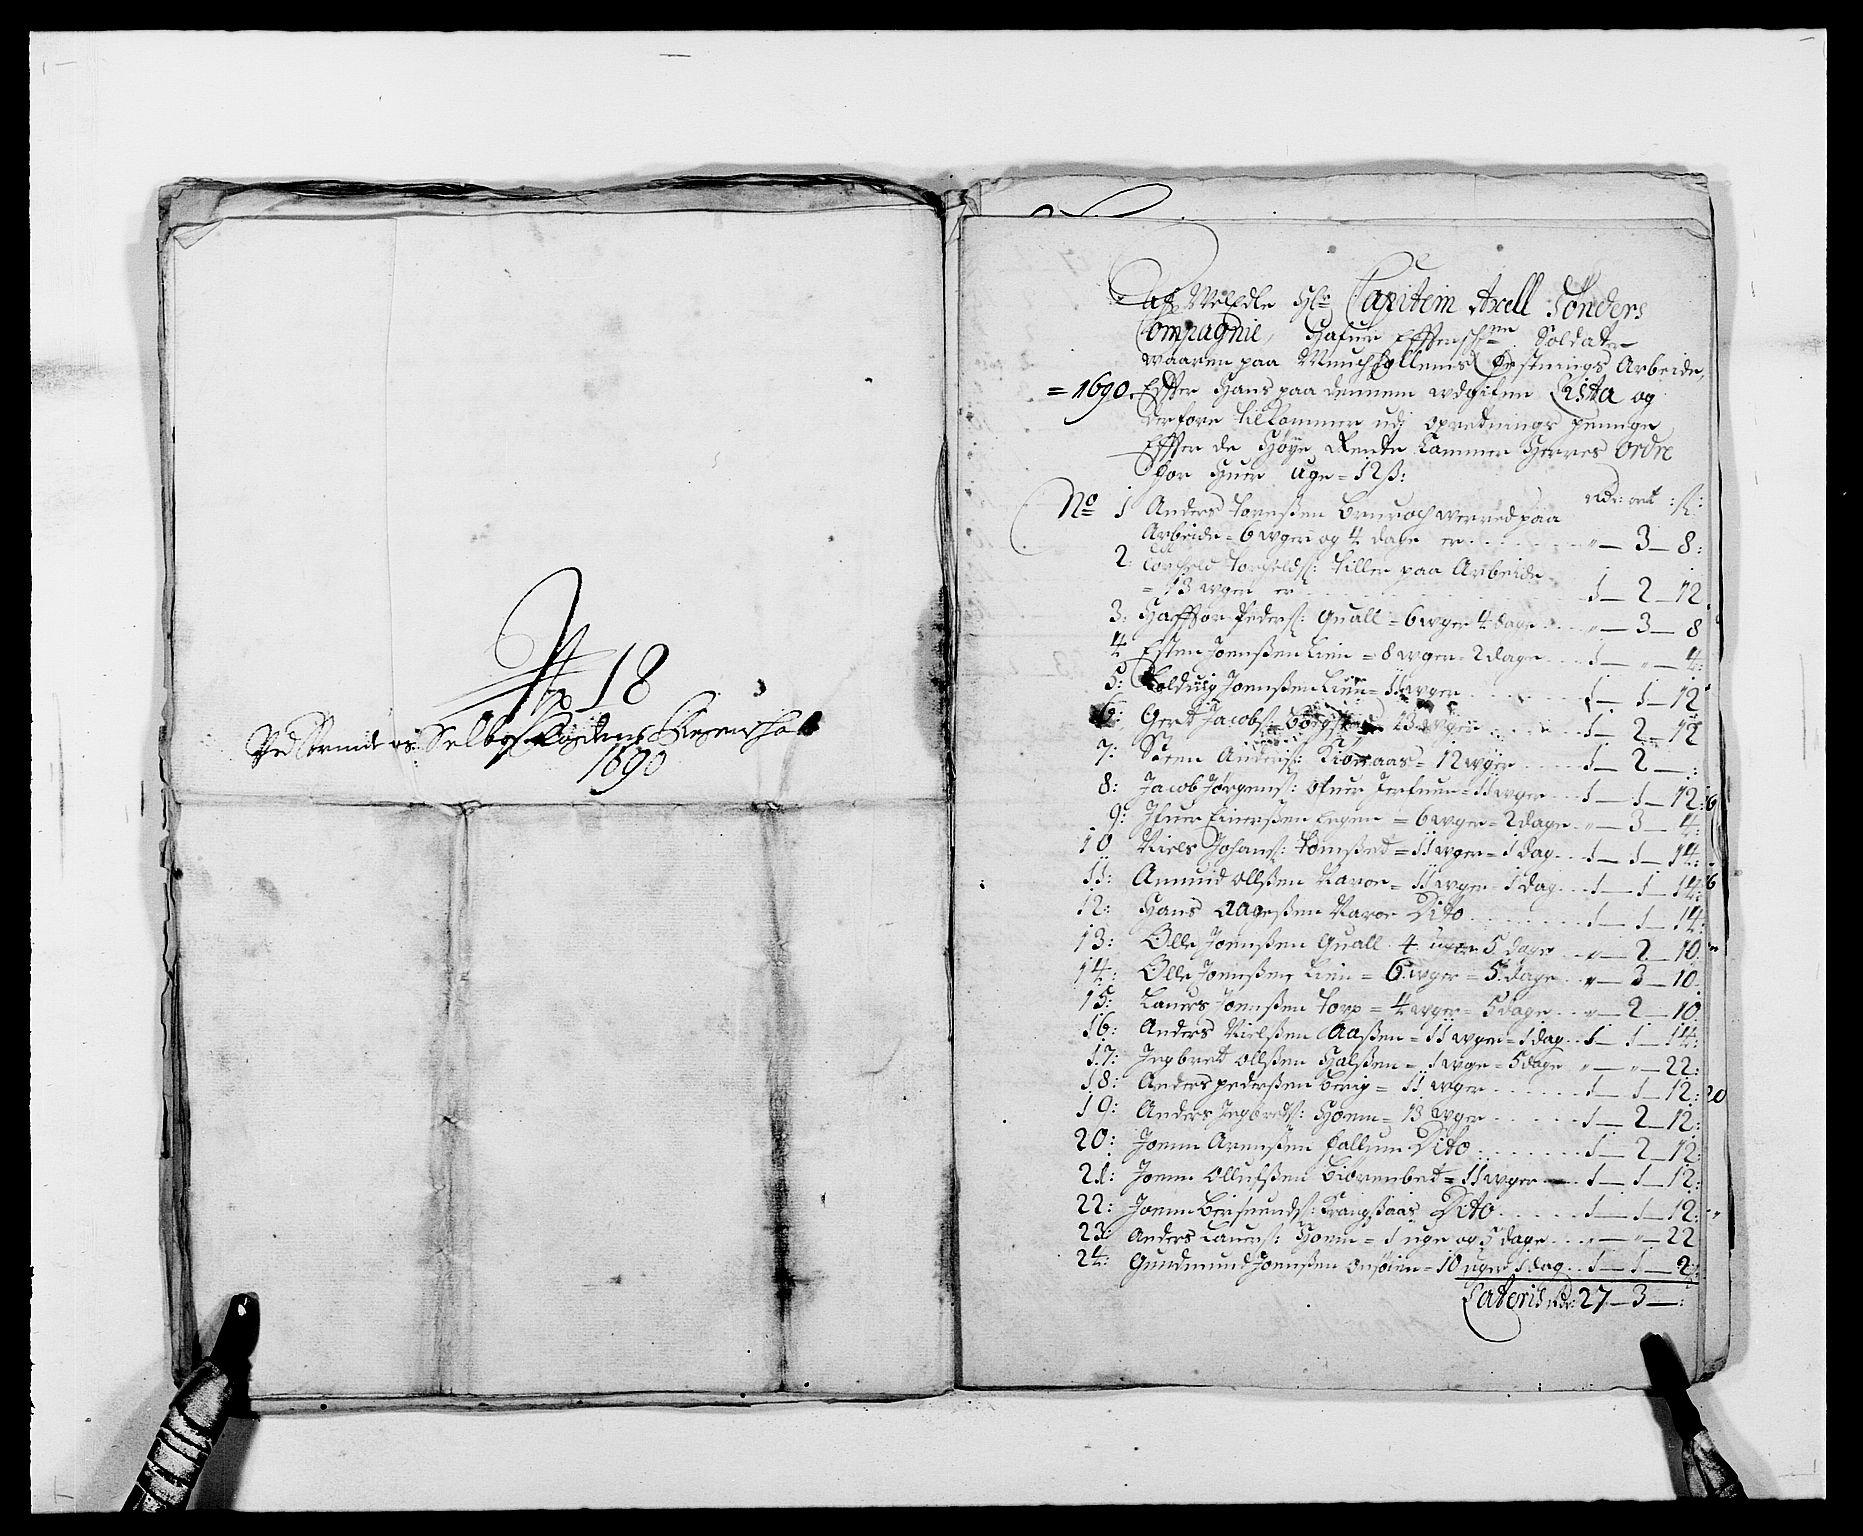 RA, Rentekammeret inntil 1814, Reviderte regnskaper, Fogderegnskap, R61/L4102: Fogderegnskap Strinda og Selbu, 1689-1690, s. 298